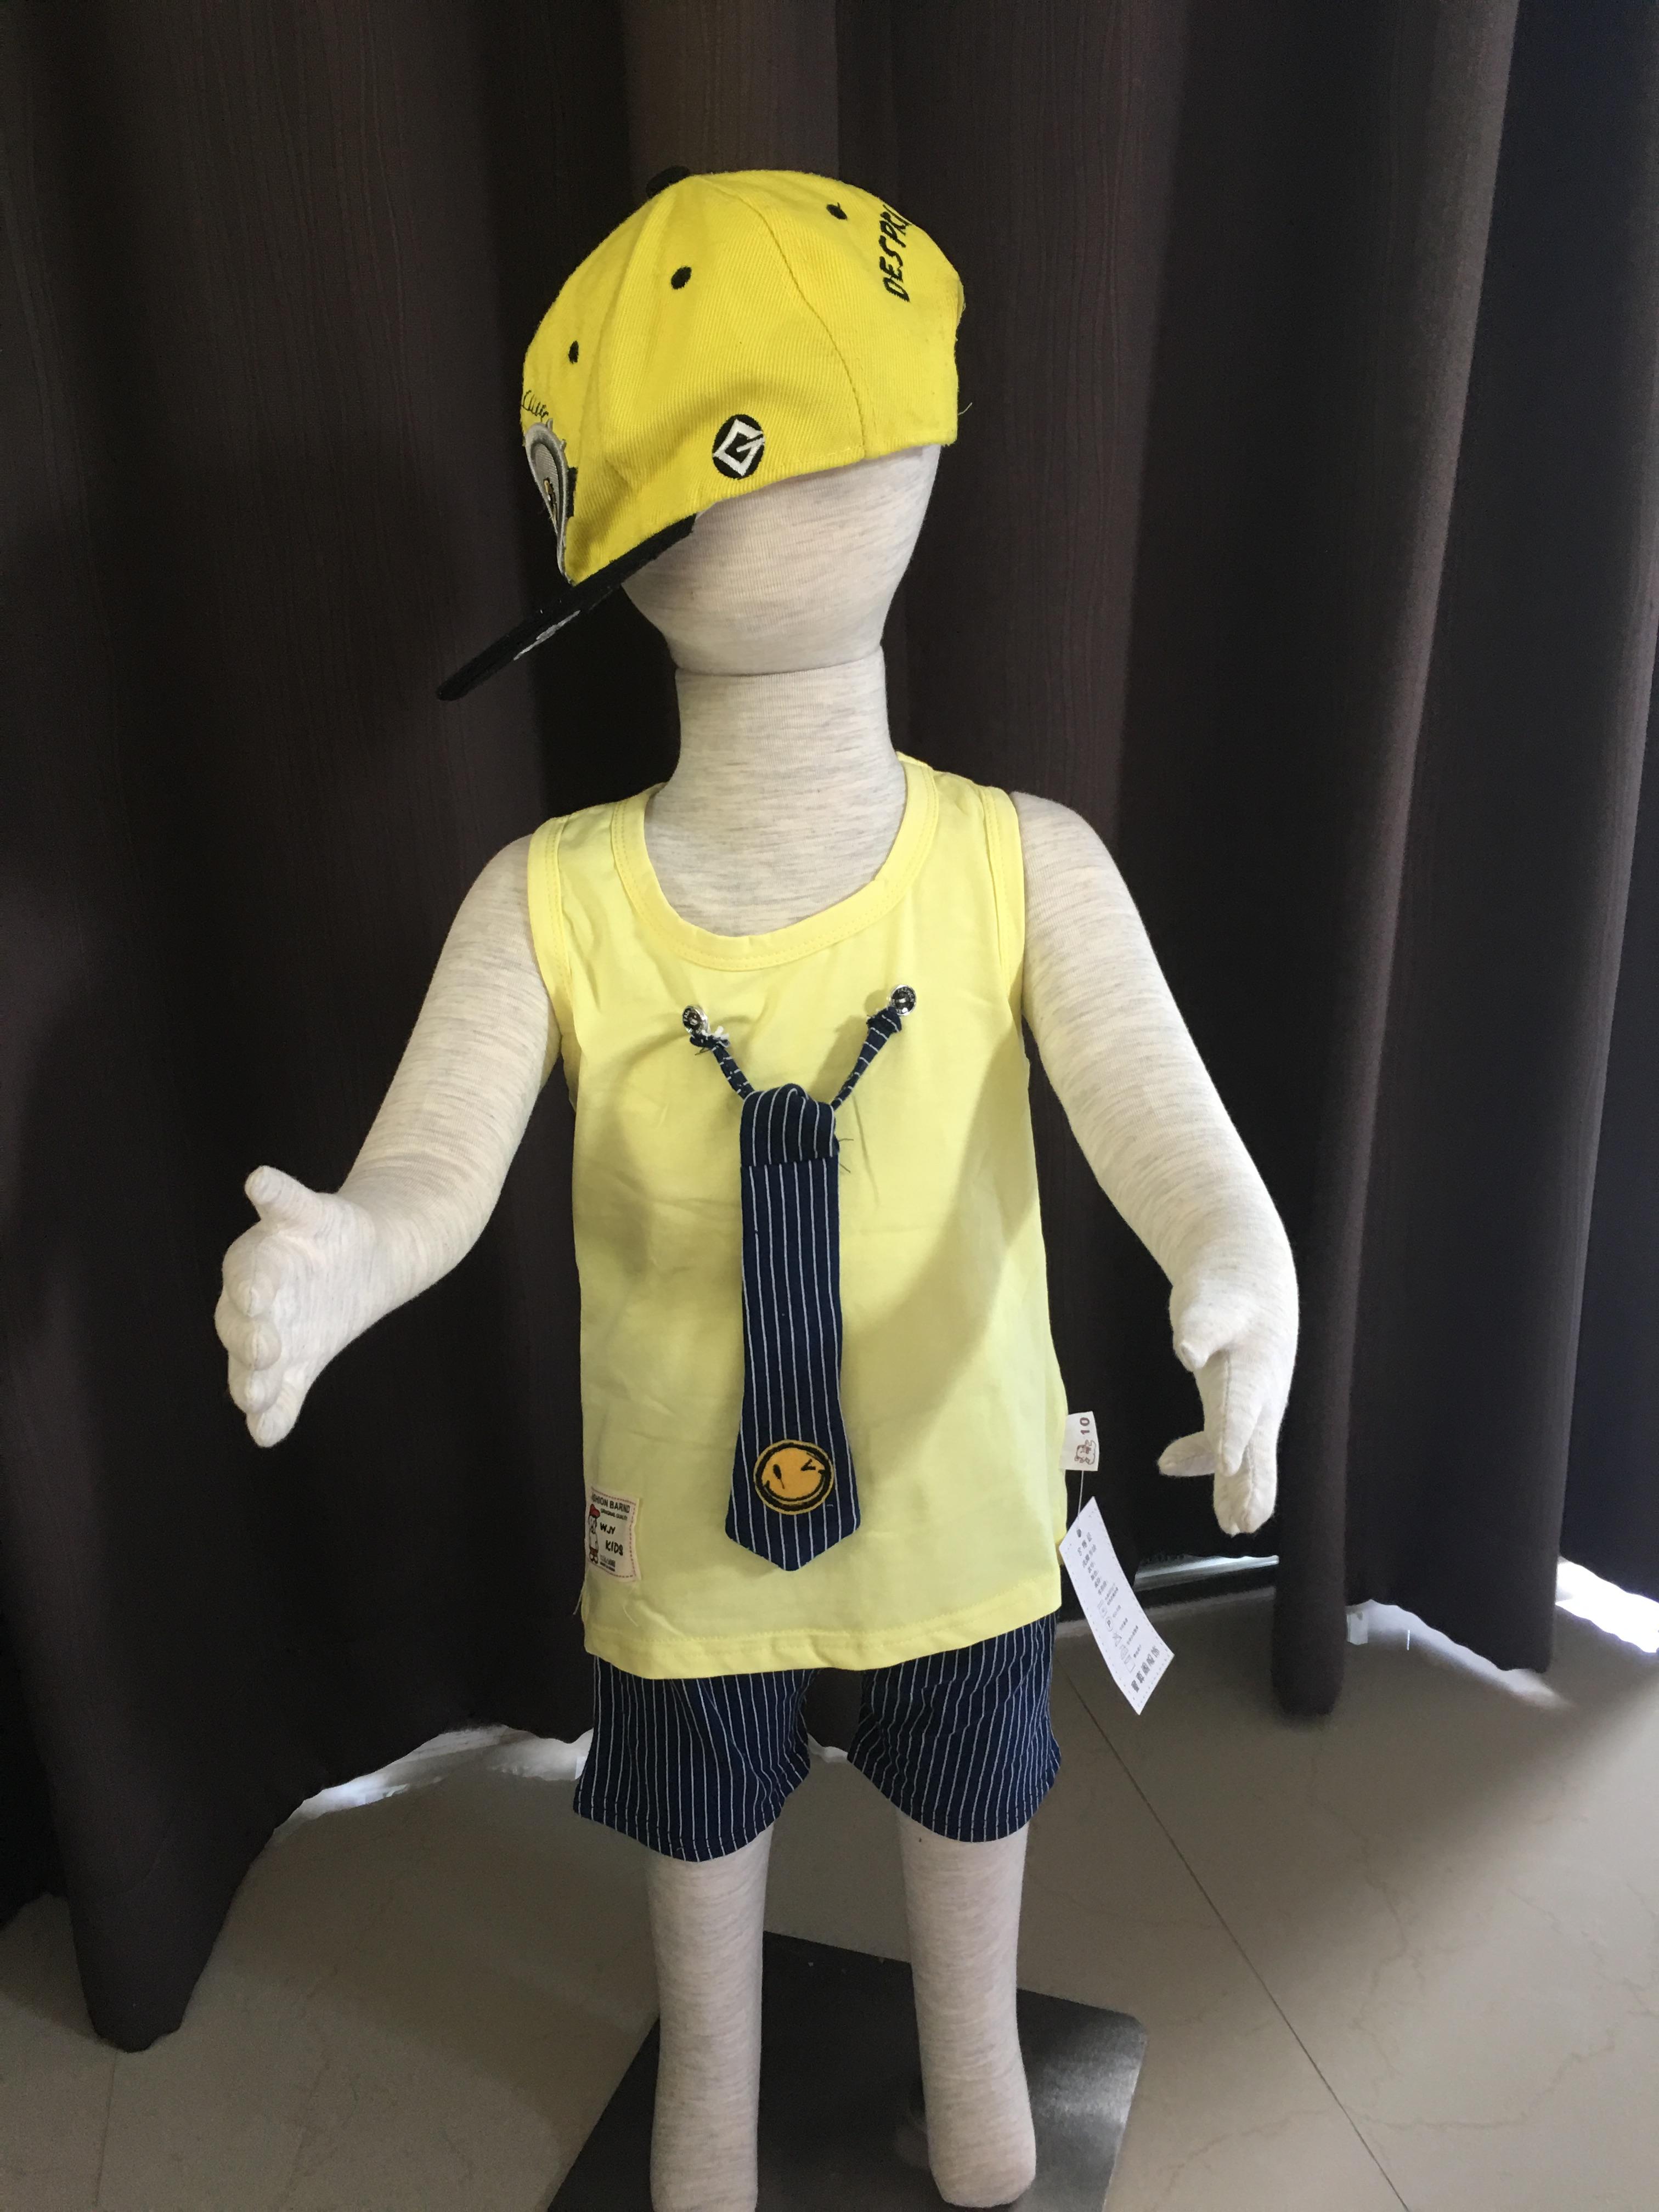 **ชุดเซ็ตกางเกงแขนกุดสีเหลือง+เน็คไทแบบตามรูป |เสื้อเป็นสีเหลือง | S-XL | 4ชุด/แพ๊ค | เฉลี่ย 160/ชุด